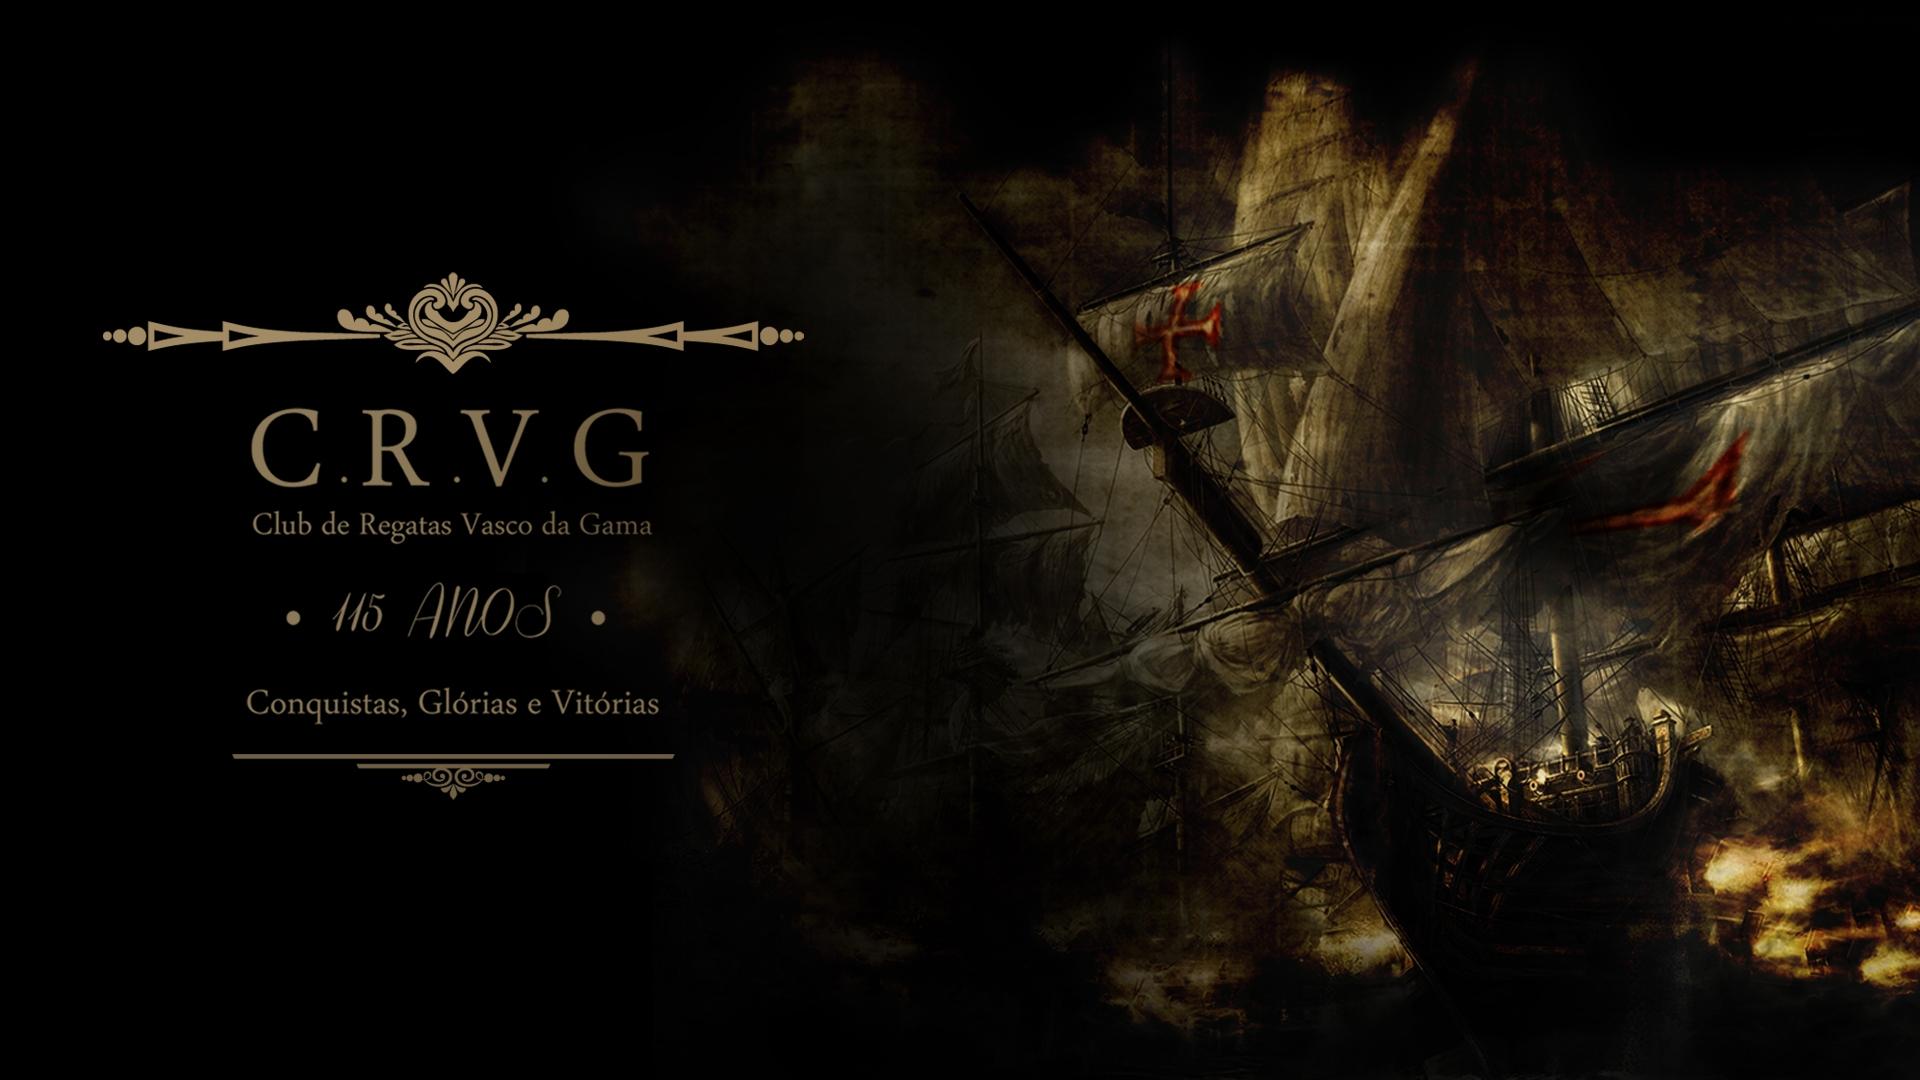 Wallpaper Vasco Da Gama Black Soccer Clubs Vessel Cross